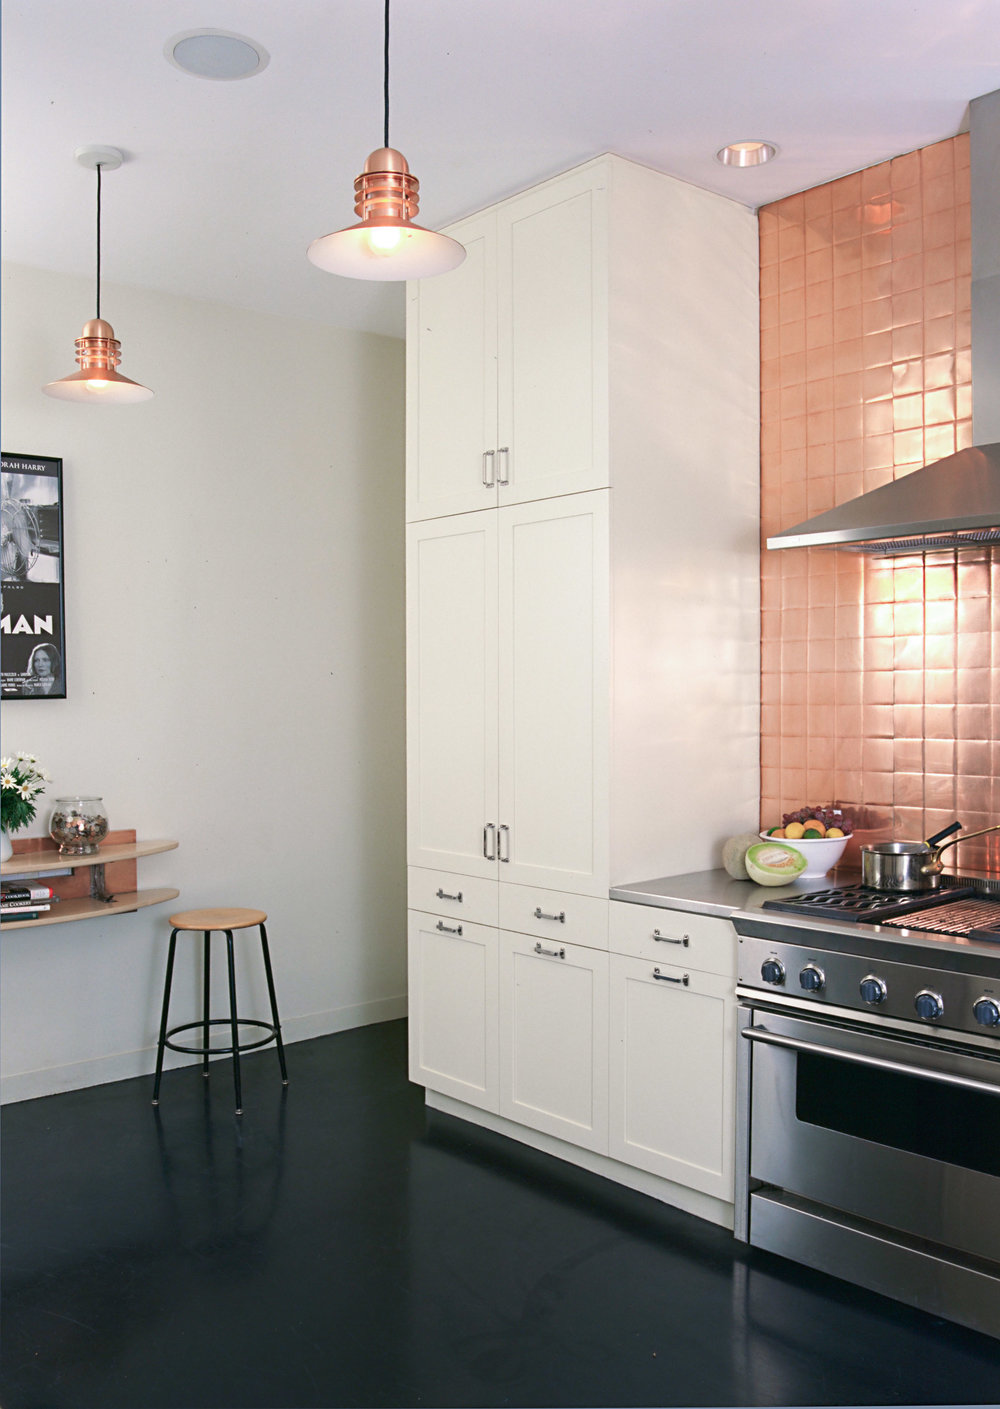 M563 Kitchen - 4BC4CD46EB544F6F_cr.jpg